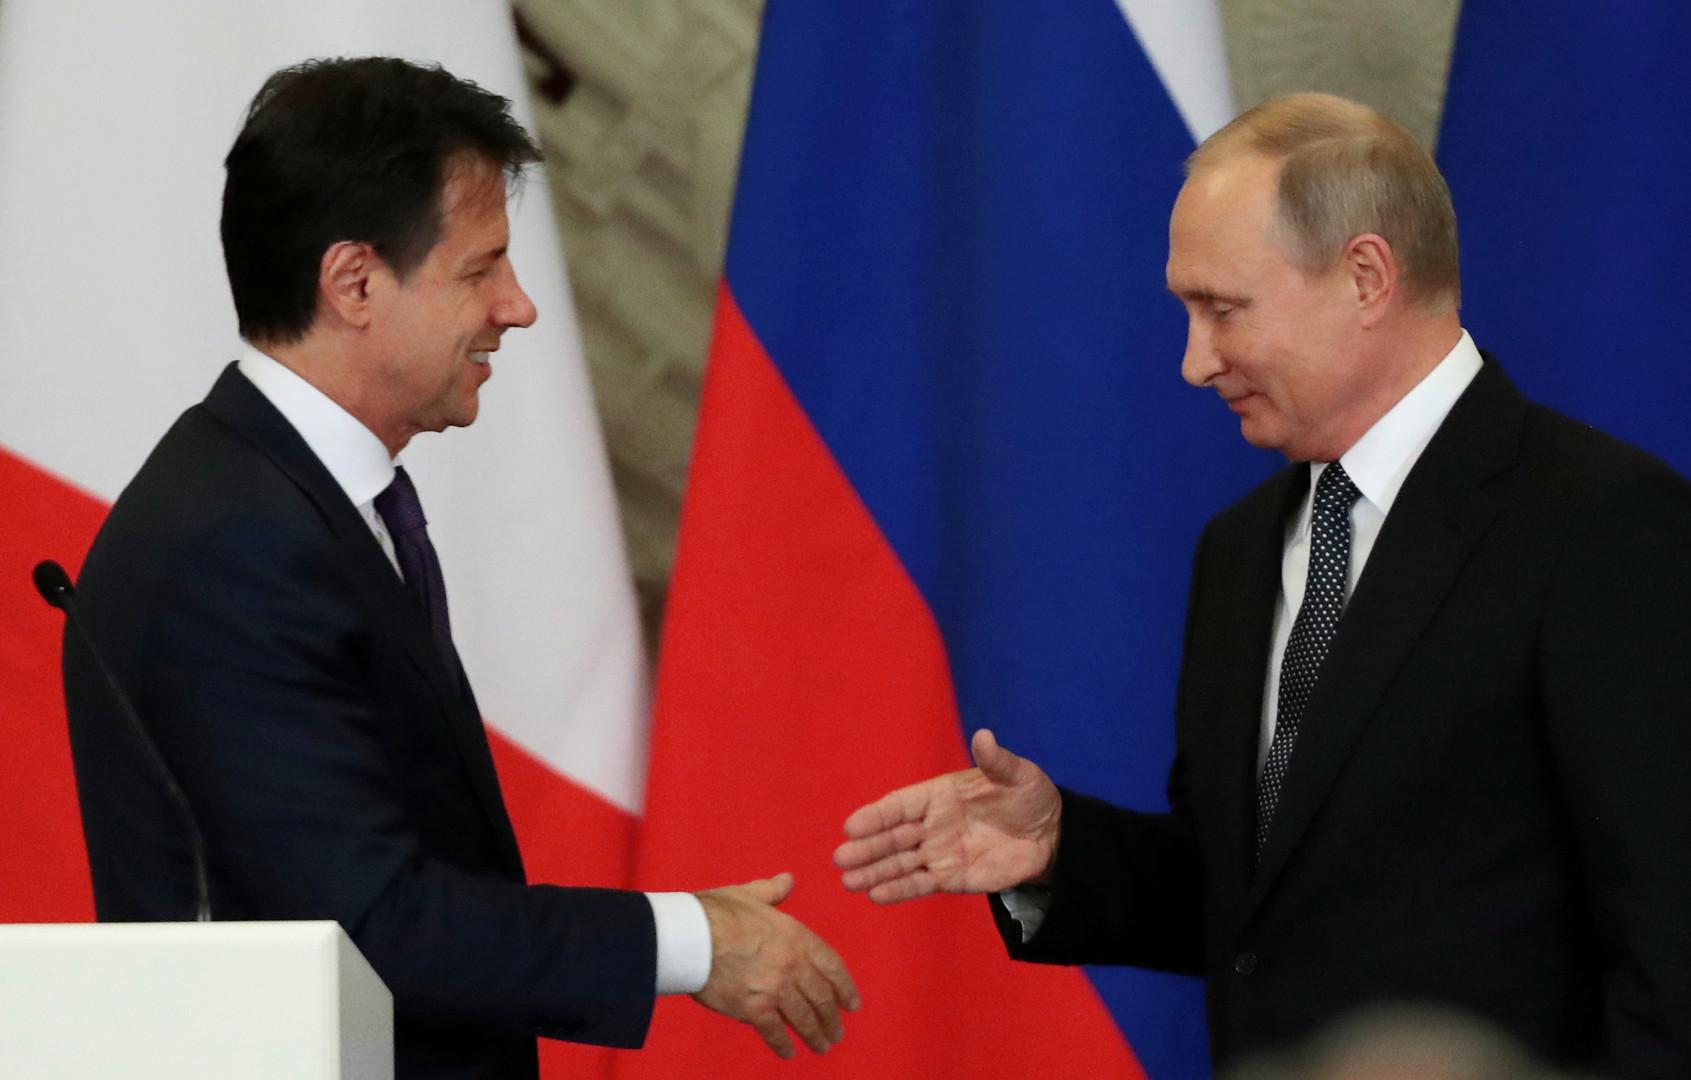 الرئيس الروسي فلاديمير بوتين ورئيس الوزراء الإيطالي جوزيبي كونتي (صورة أرشيفية)